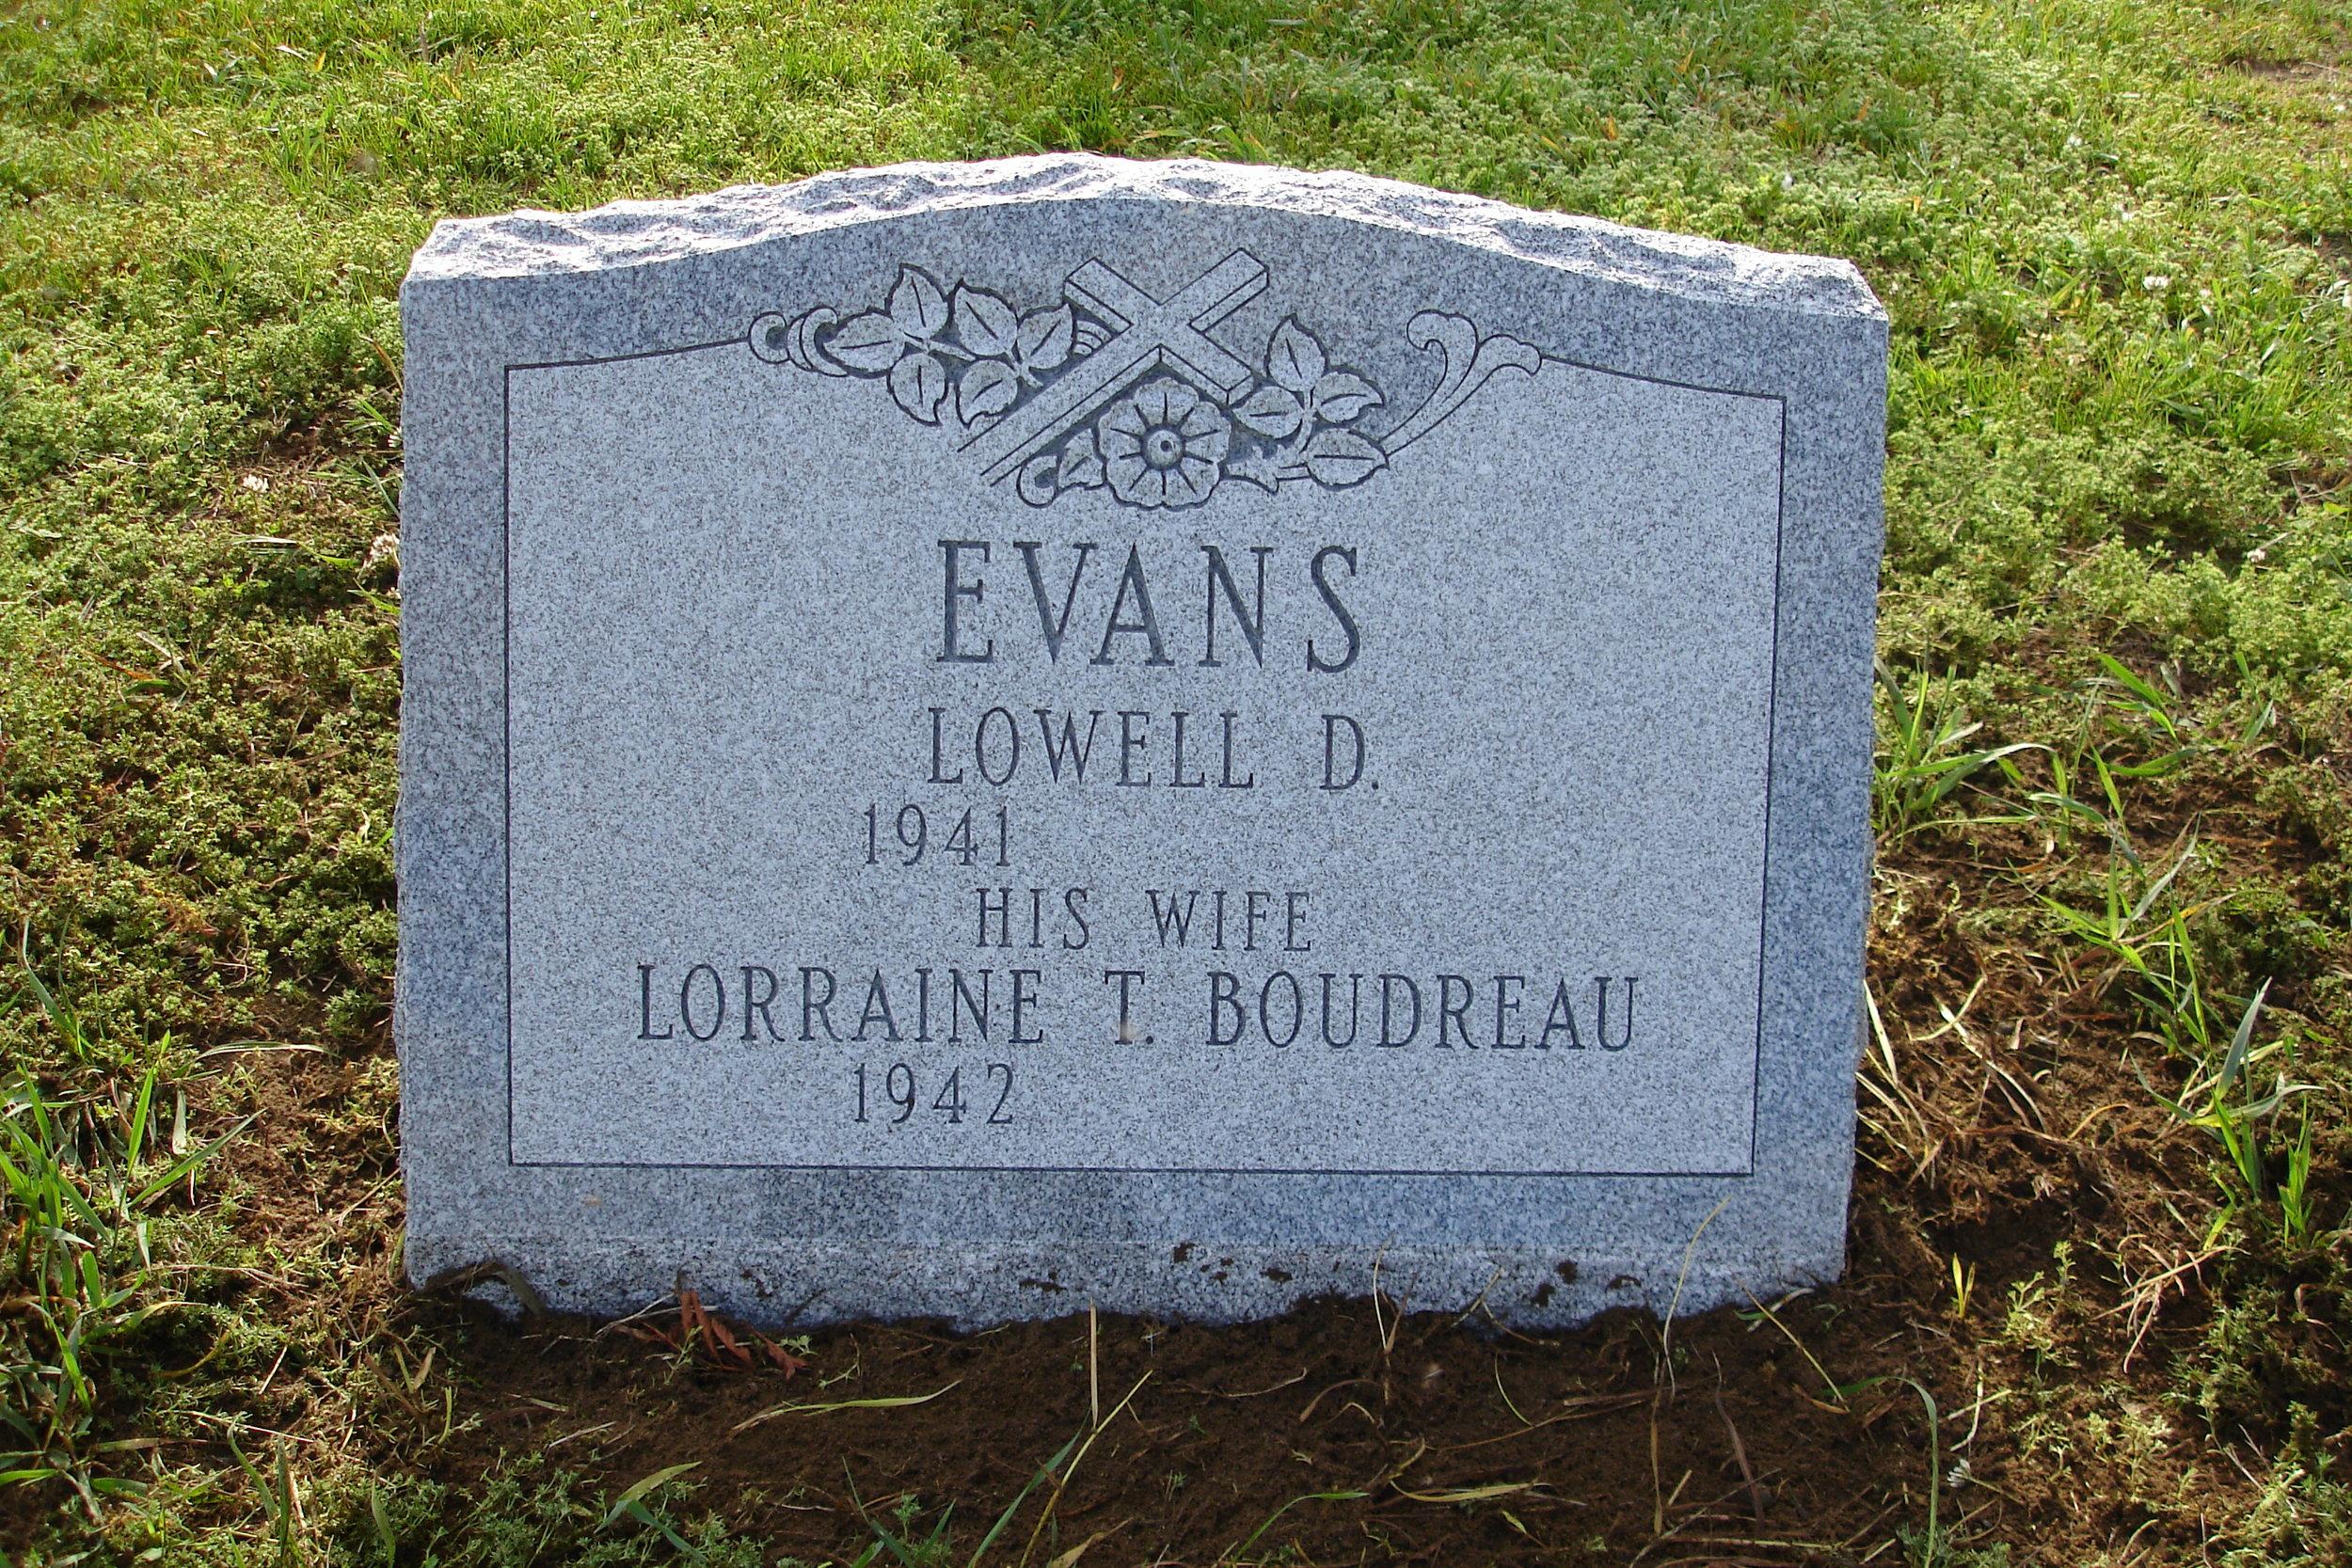 Evans .jpg